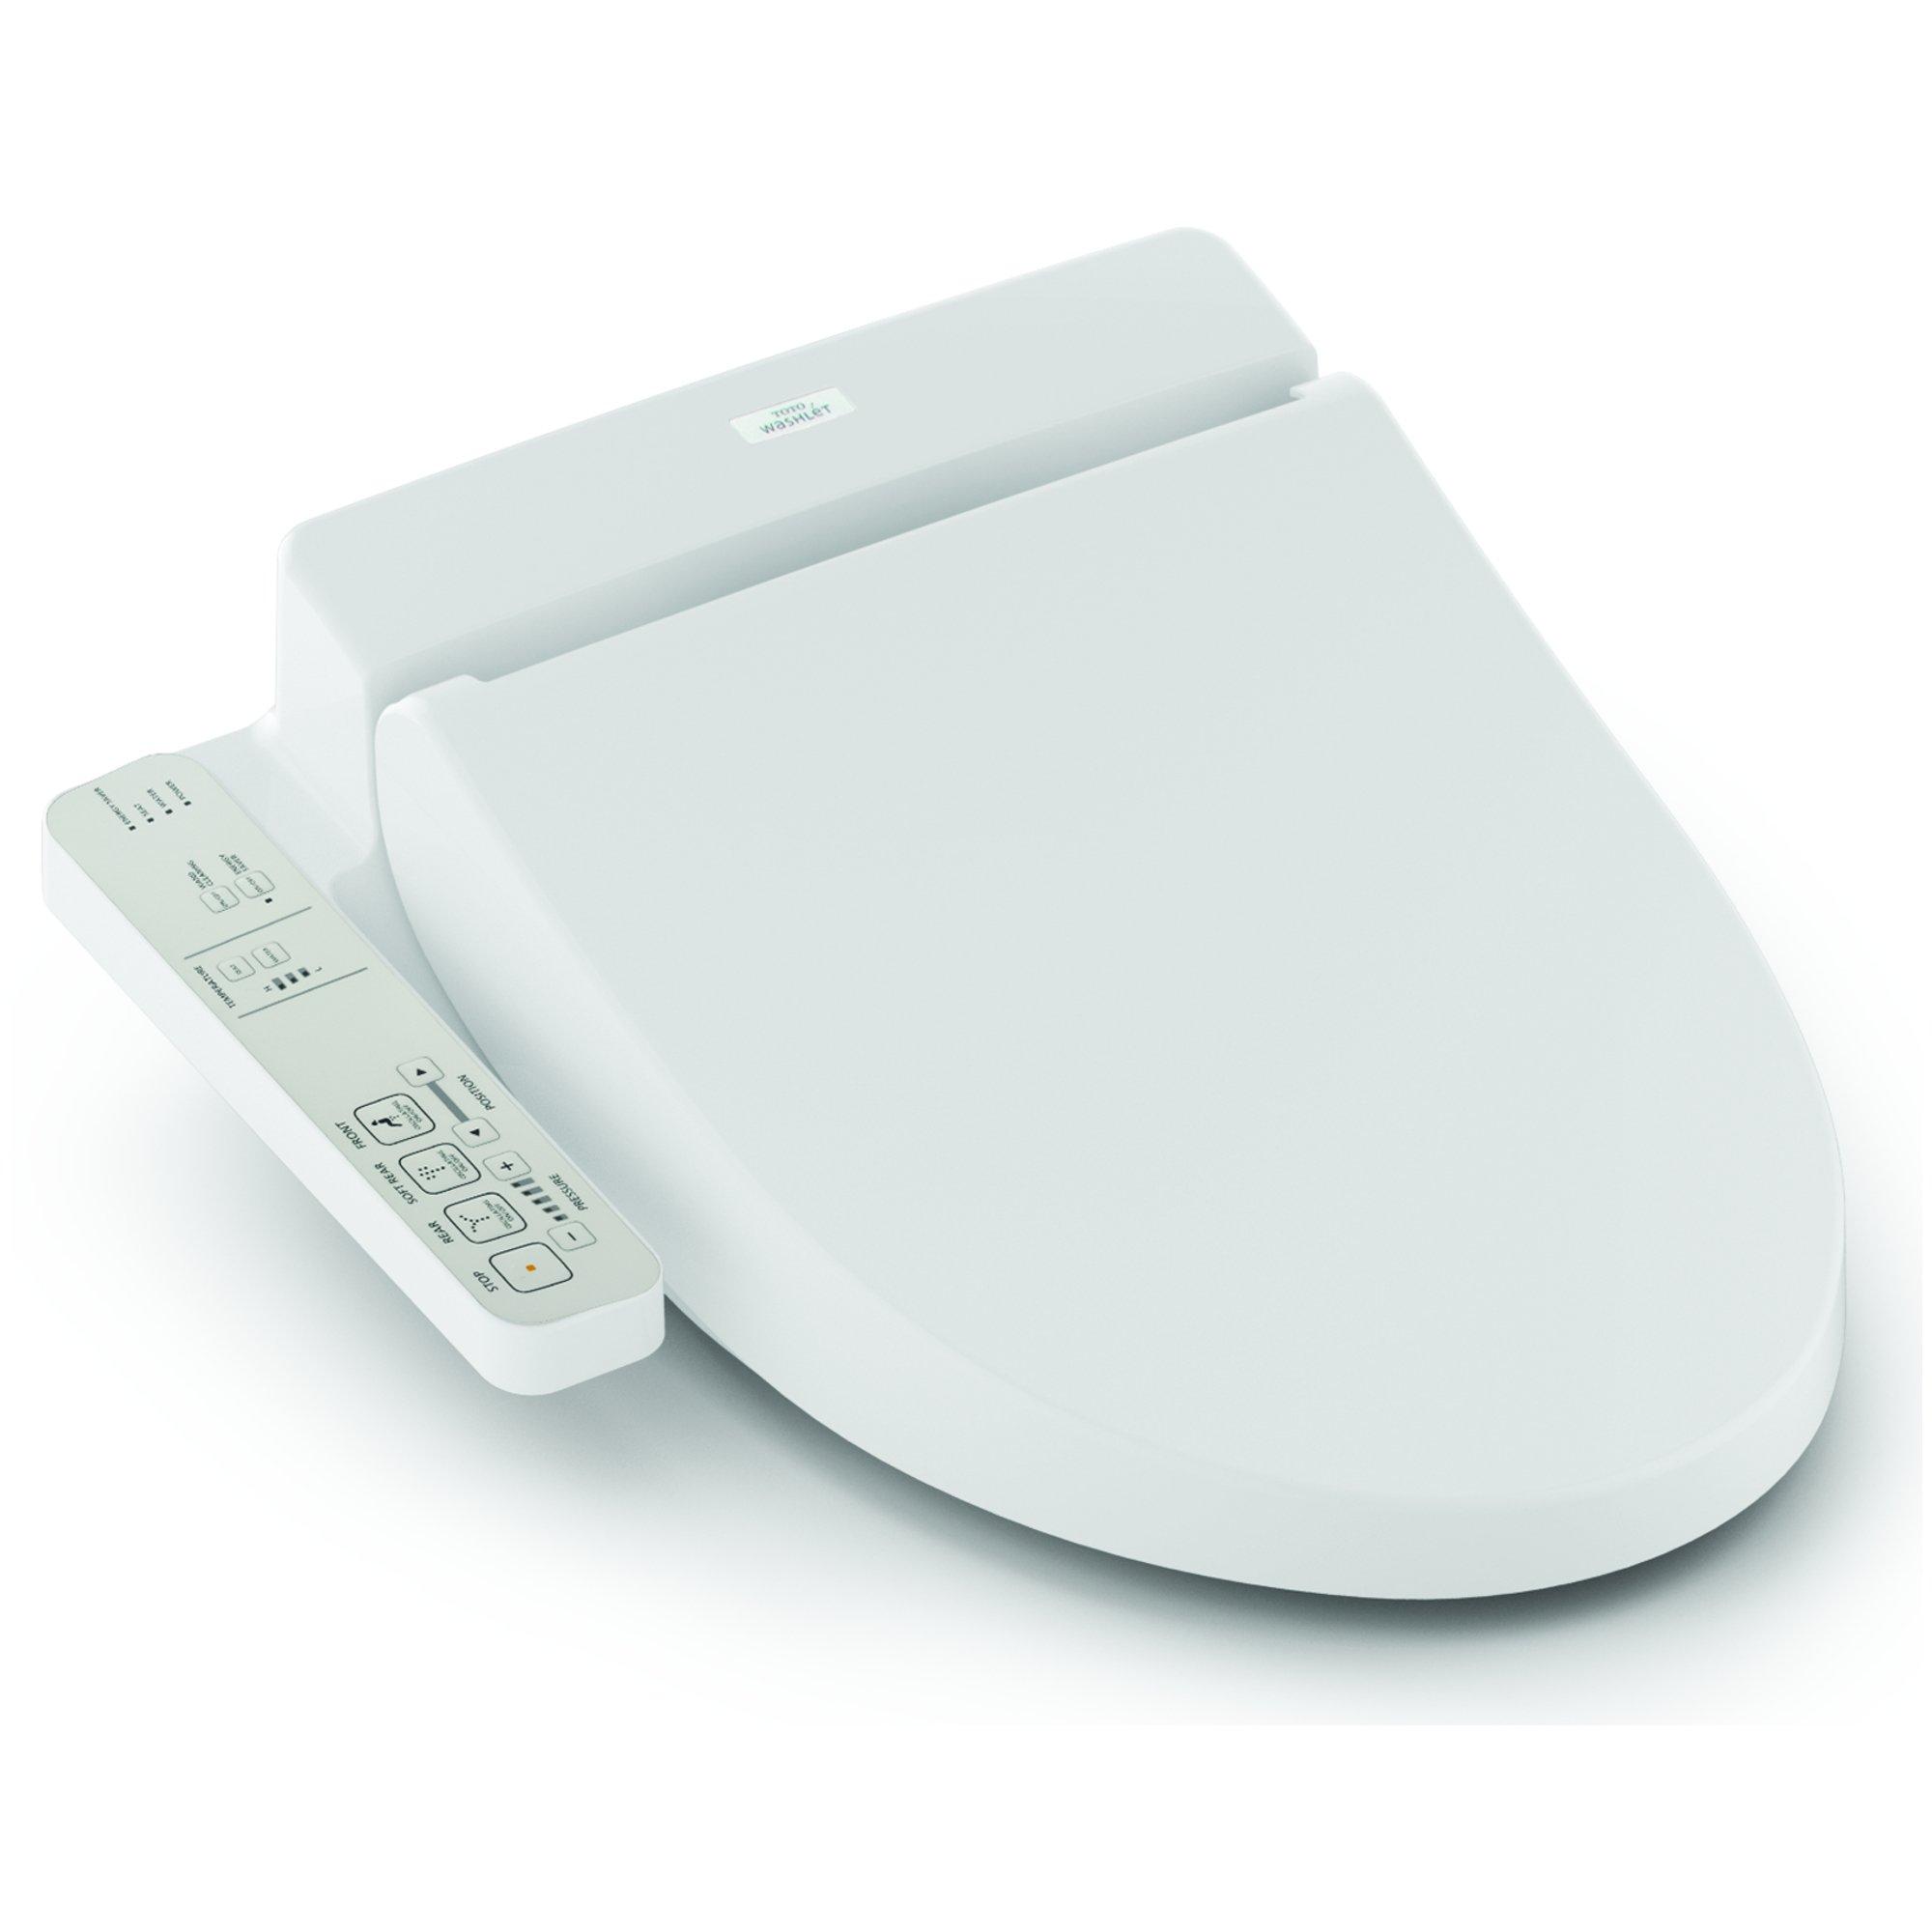 TOTO Washlet A100 Elongated Bidet Toilet Seat, Cotton White - SW2014#01